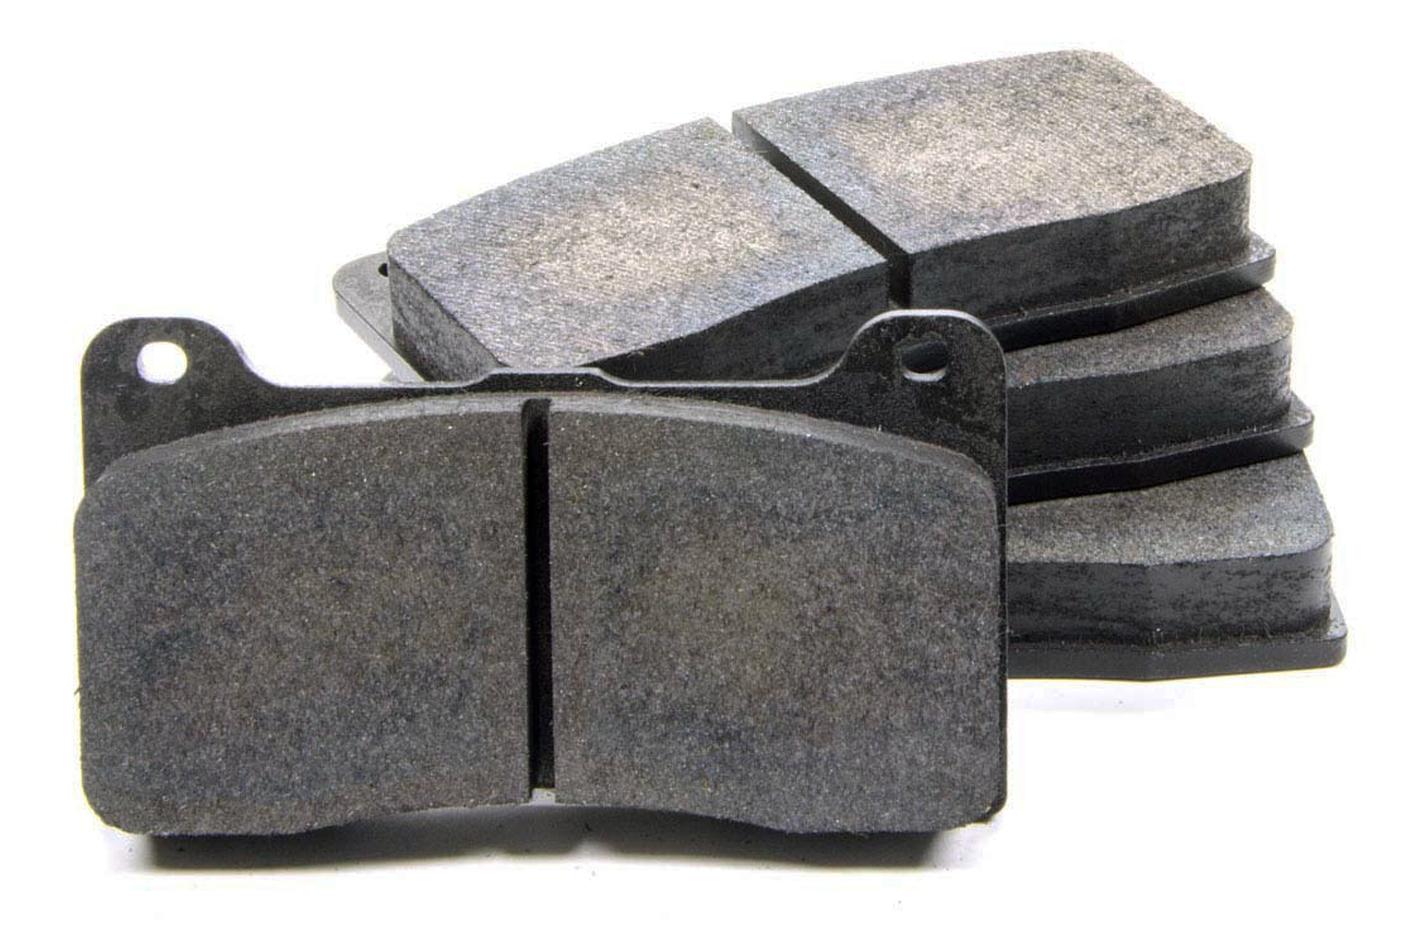 WILWOOD Brake Pad Set BP-30 Billet NDL 7816 P/N - 150-14776K